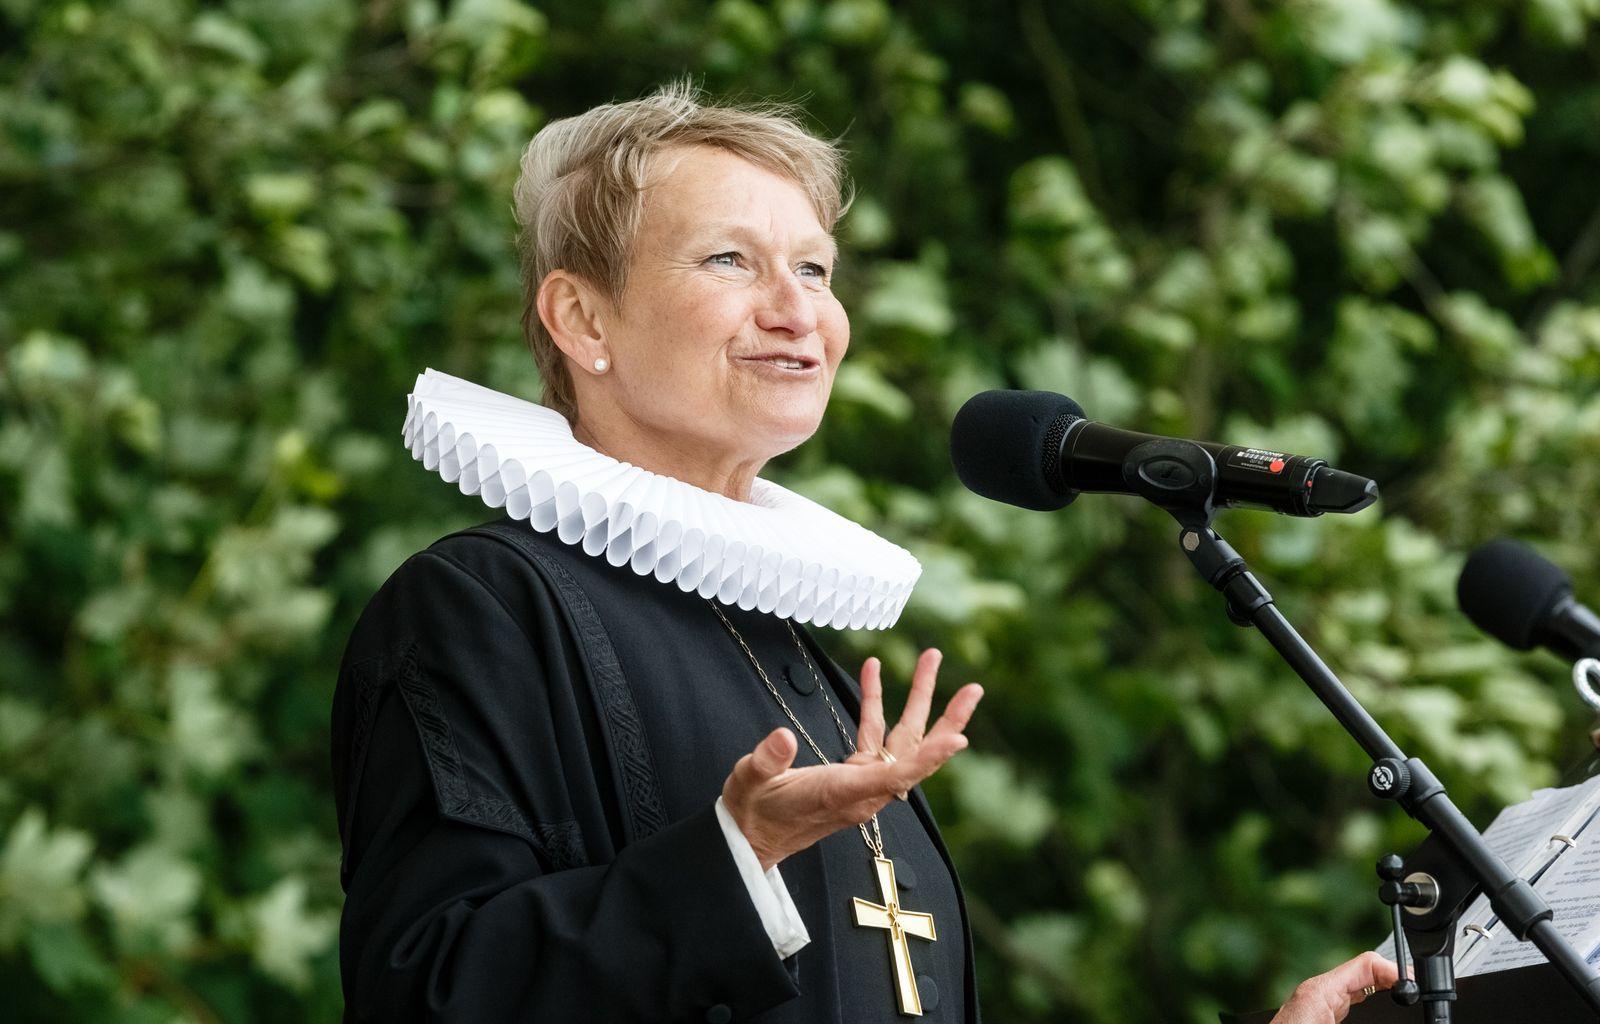 Evangelisches Tauffest an der Elbe